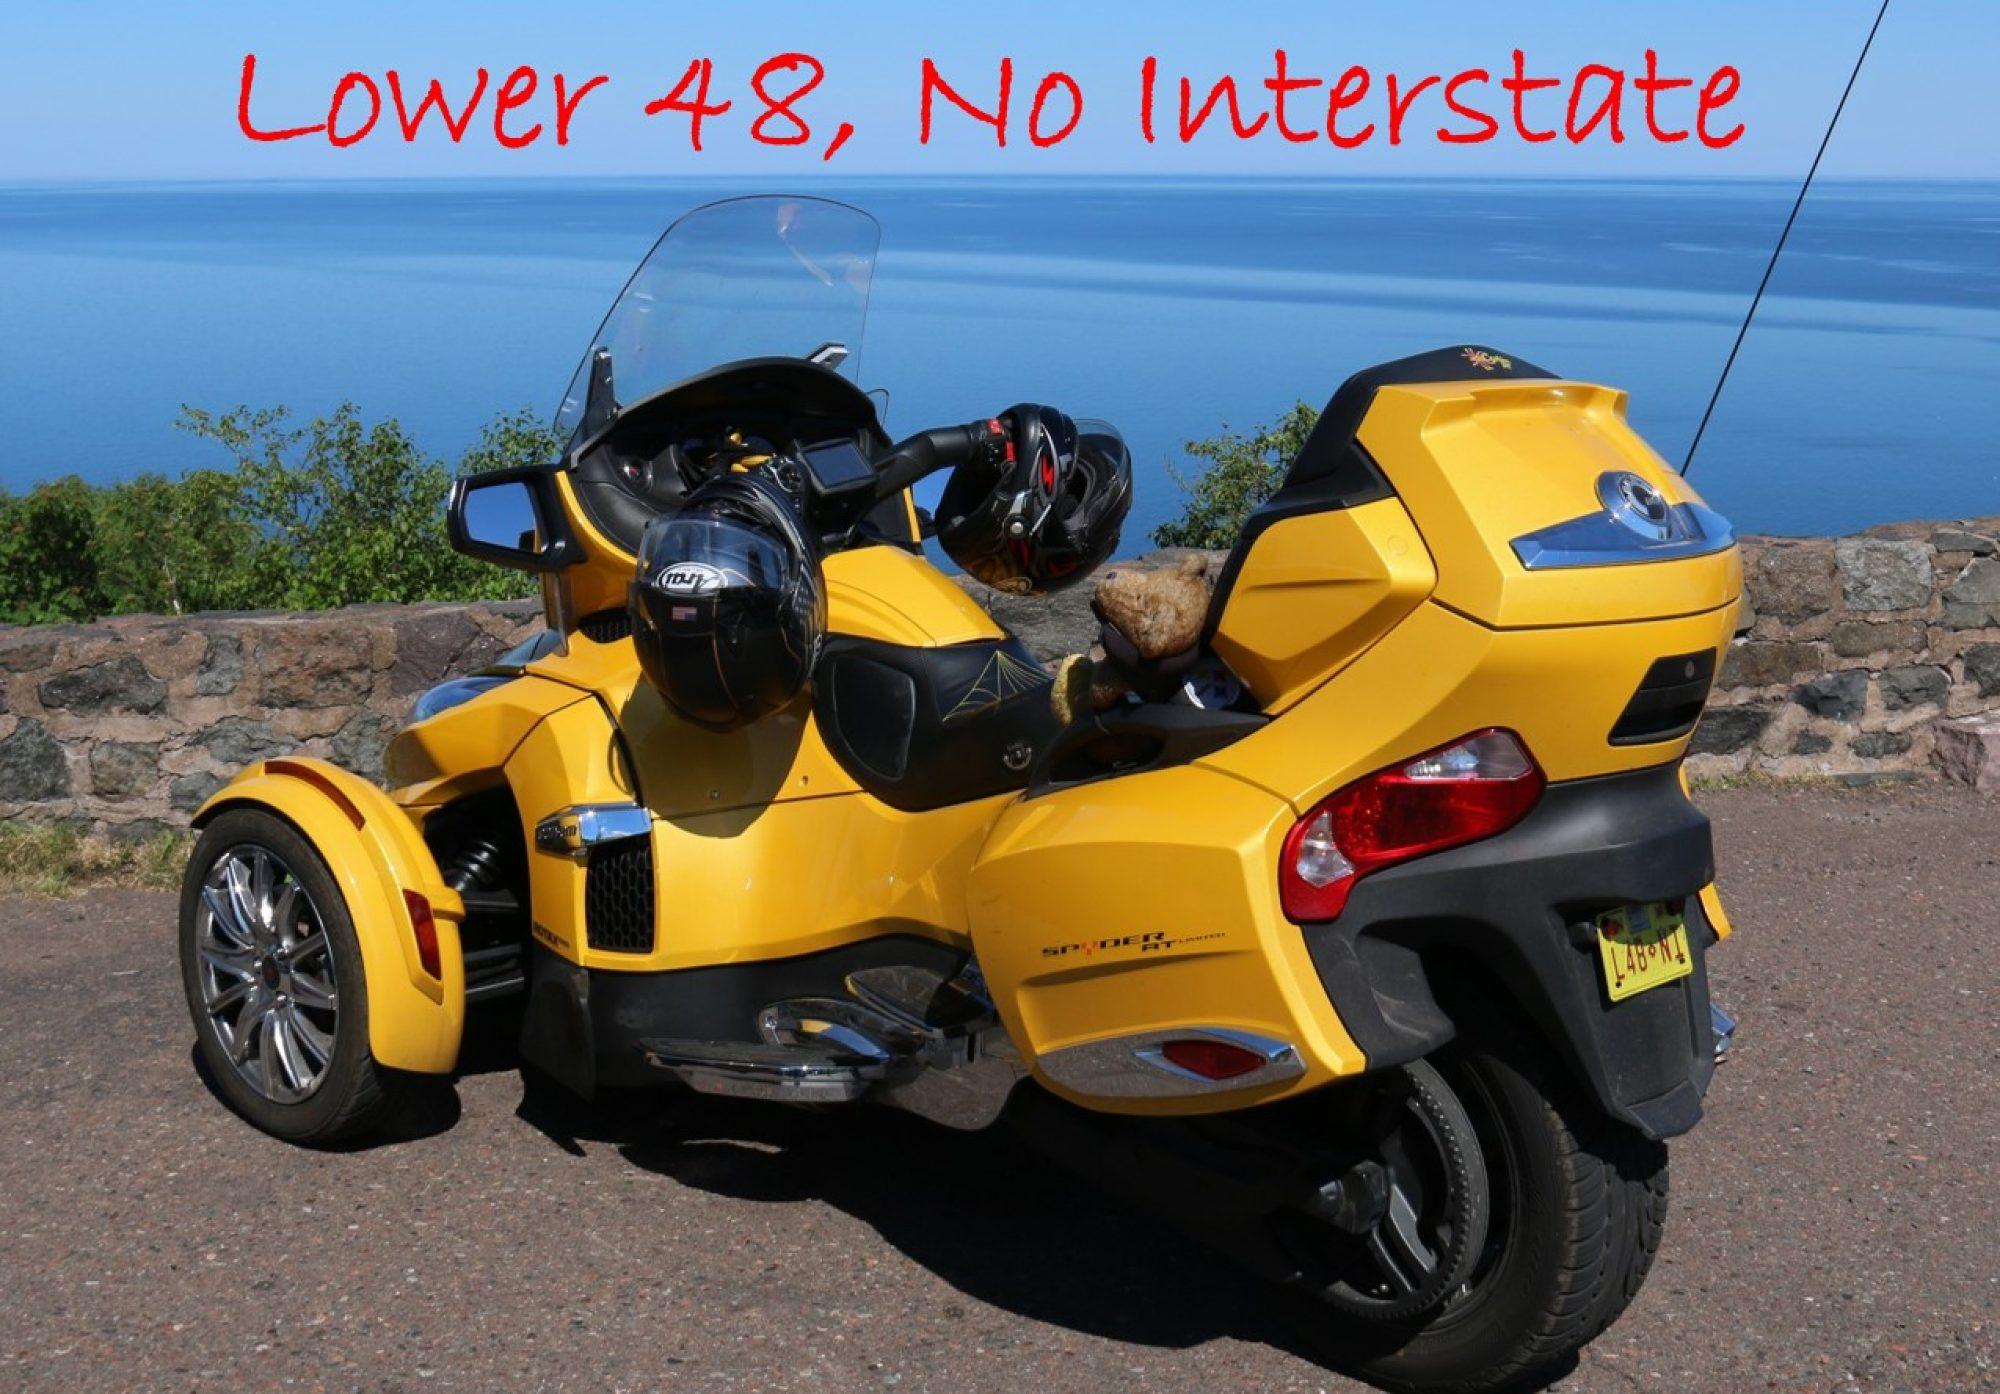 Lower 48, No Interstate